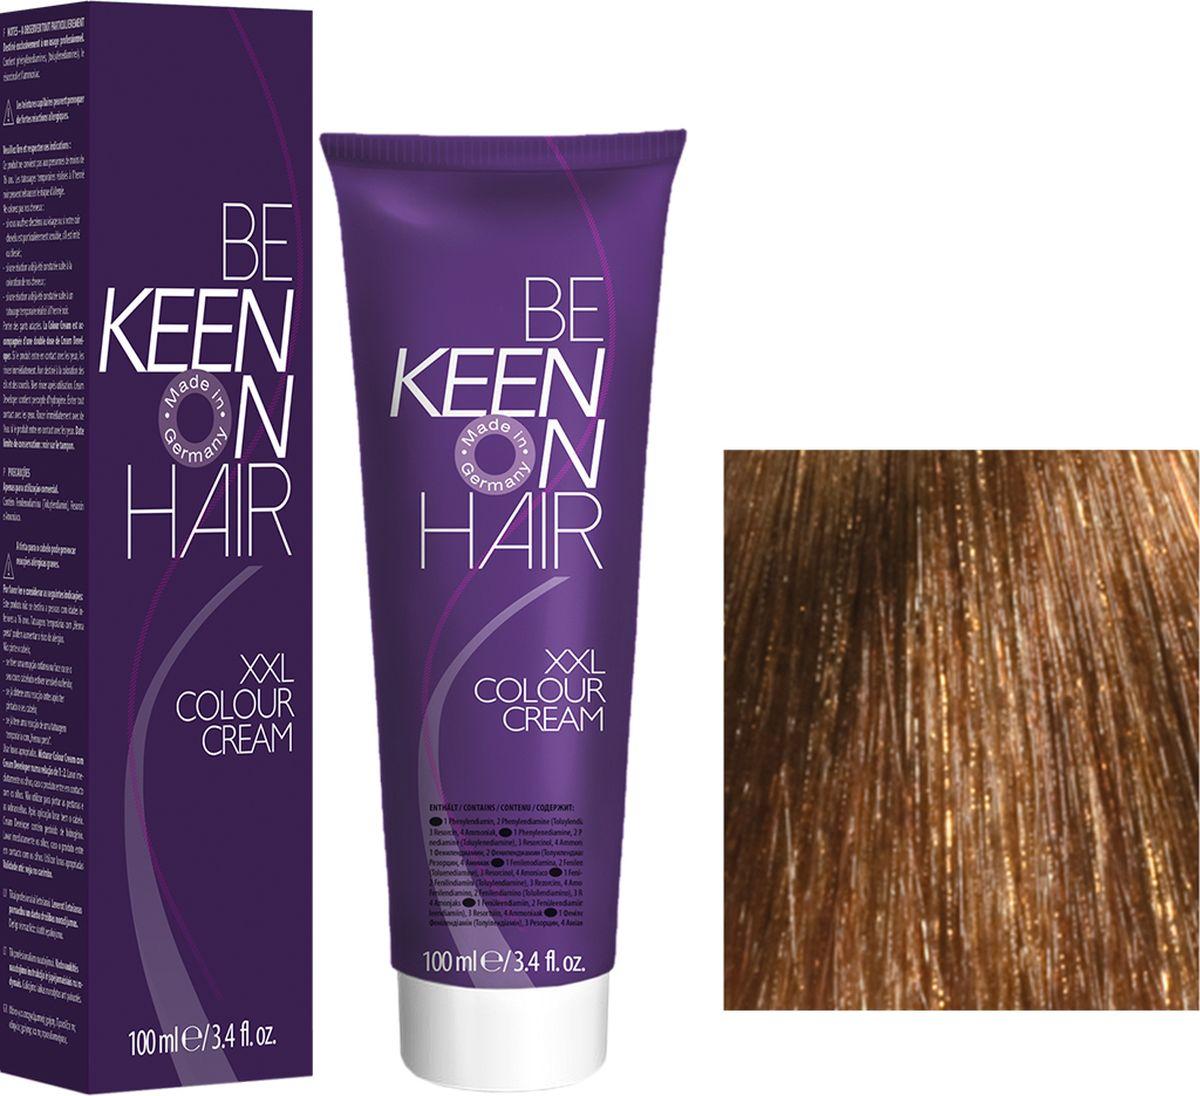 Keen Краска для волос 8.73 Мед Honig, 100 мл69100081Модные оттенкиБолее 100 оттенков для креативной комбинации цветов.ЭкономичностьПри использовании тюбика 100 мл вы получаете оптимальное соотношение цены и качества!УходМолочный белок поддерживает структуру волоса во время окрашивания и придает волосам блеск и шелковистость. Протеины хорошо встраиваются в волосы и снабжают их влагой.